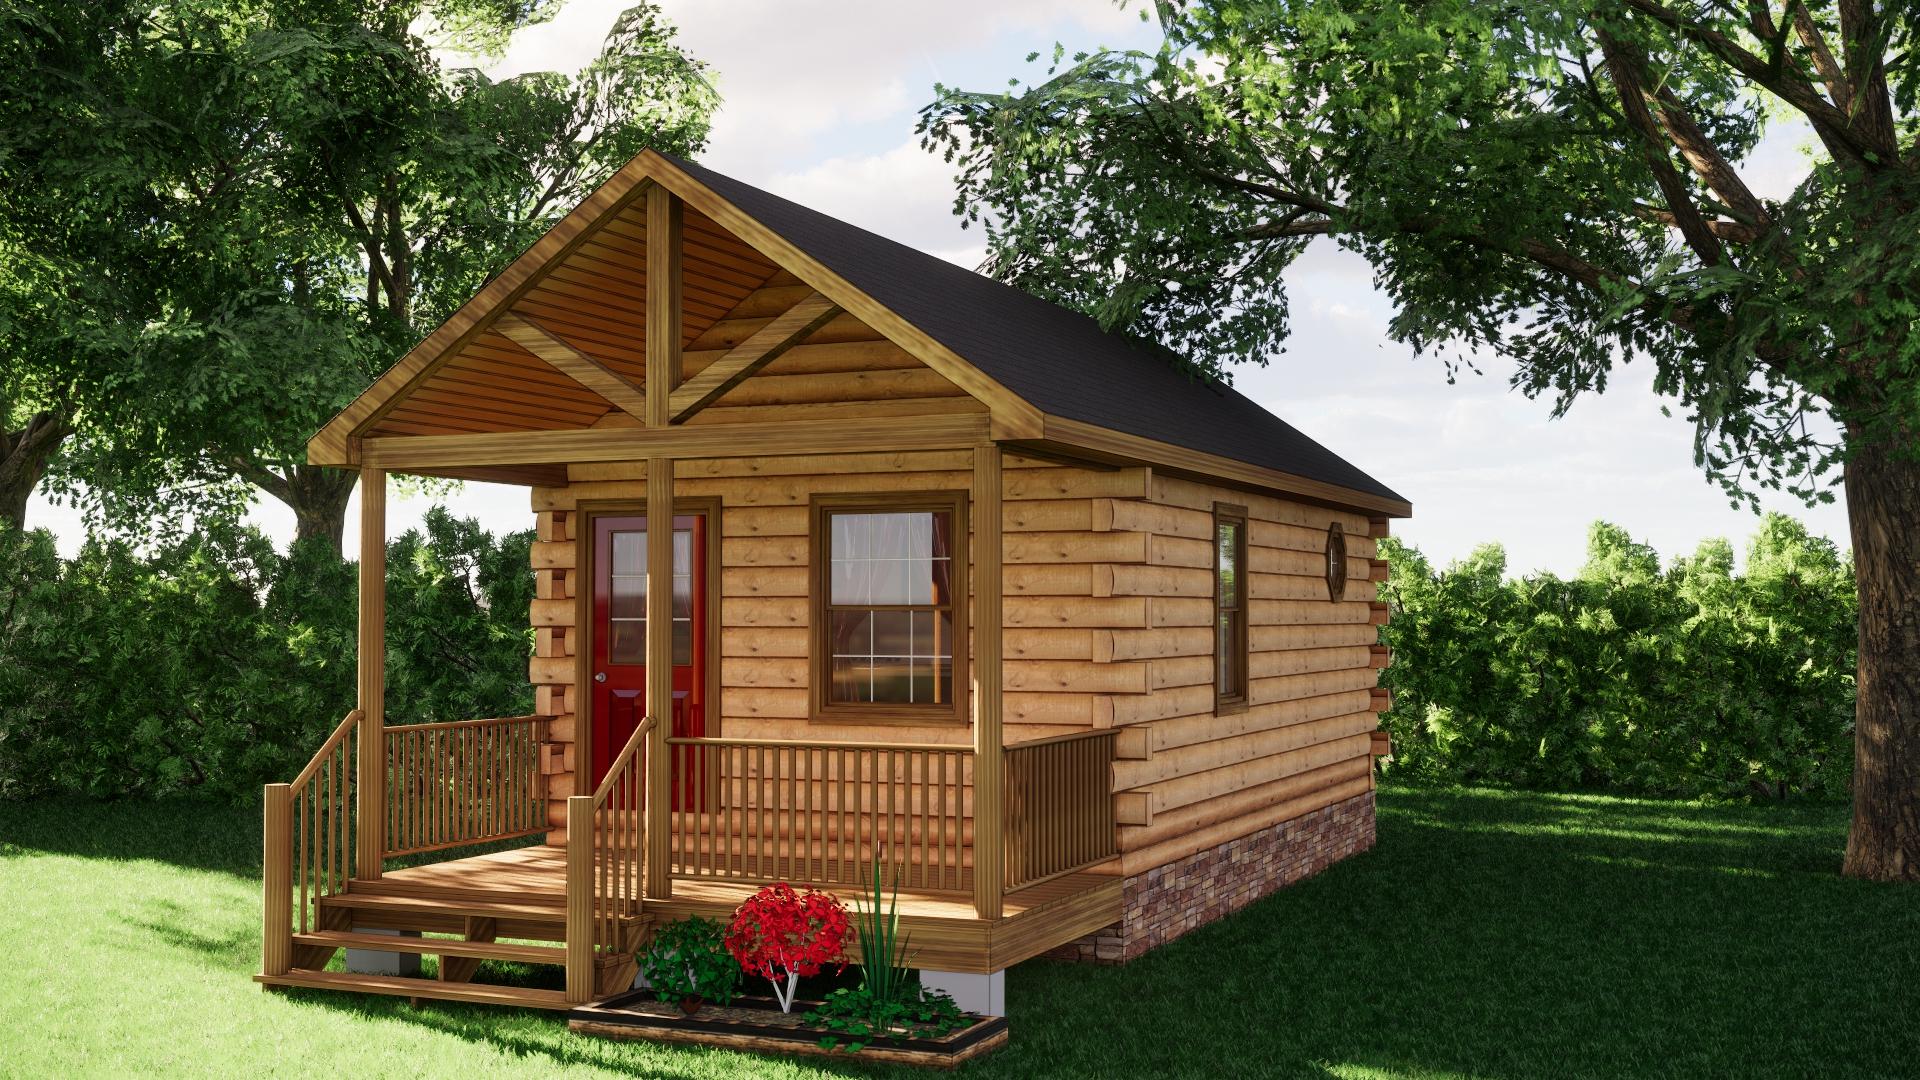 Small Log Cabins - Small Log Cabin Kits 10